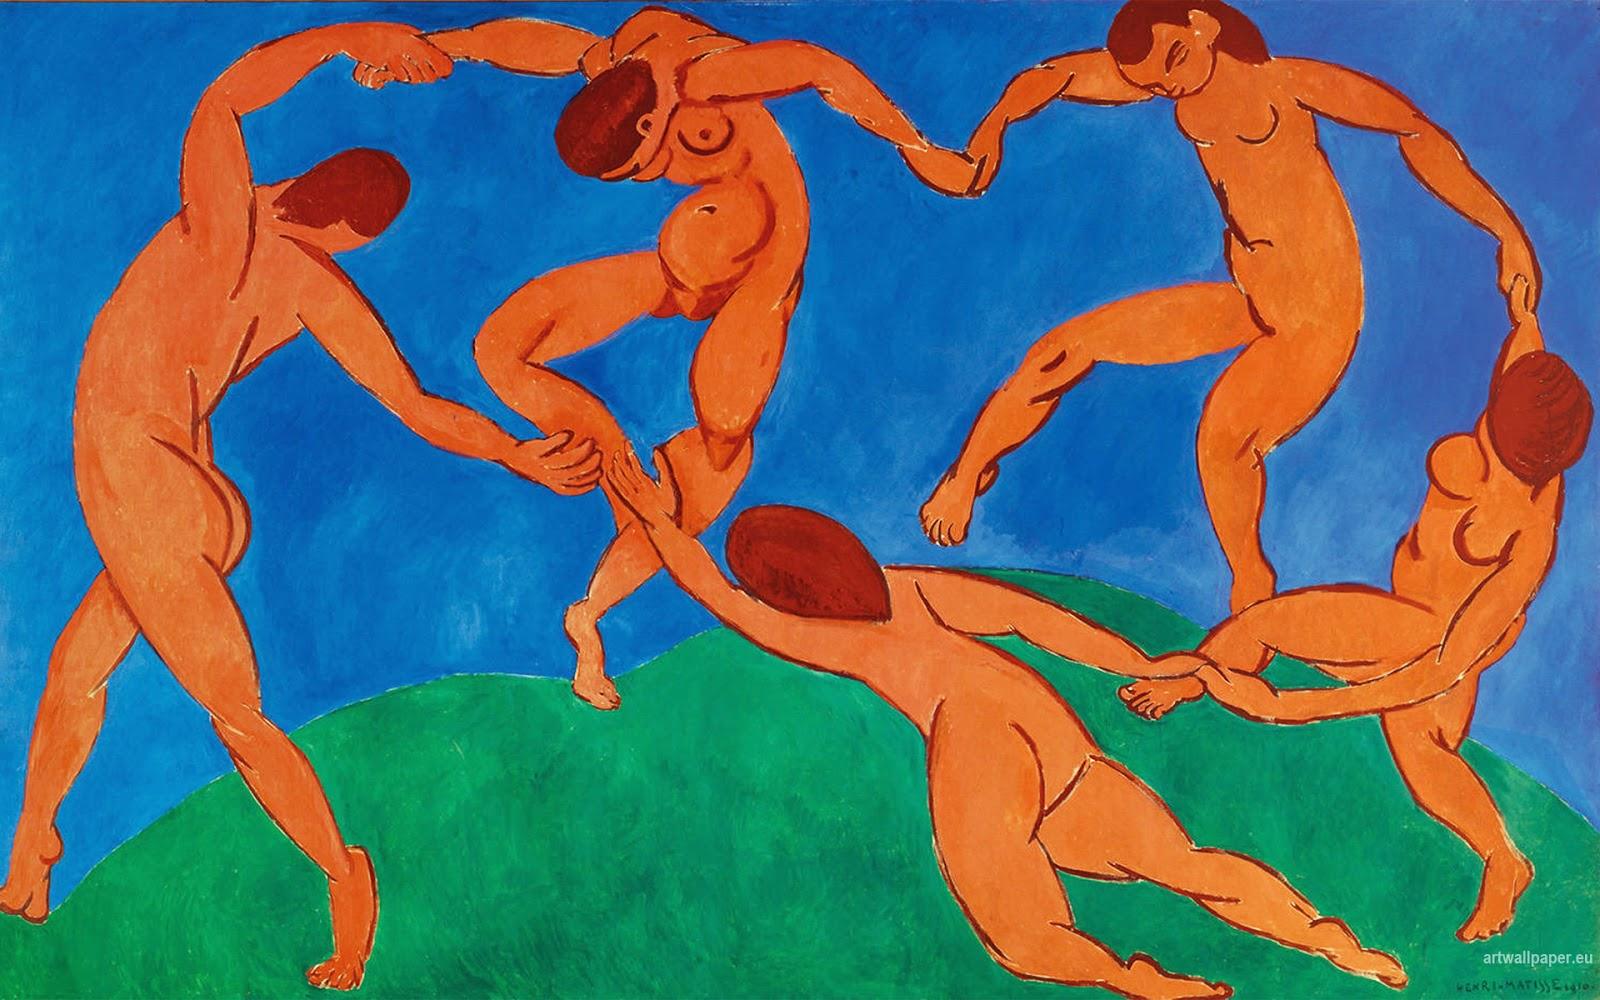 Matisse - 1910 La danza